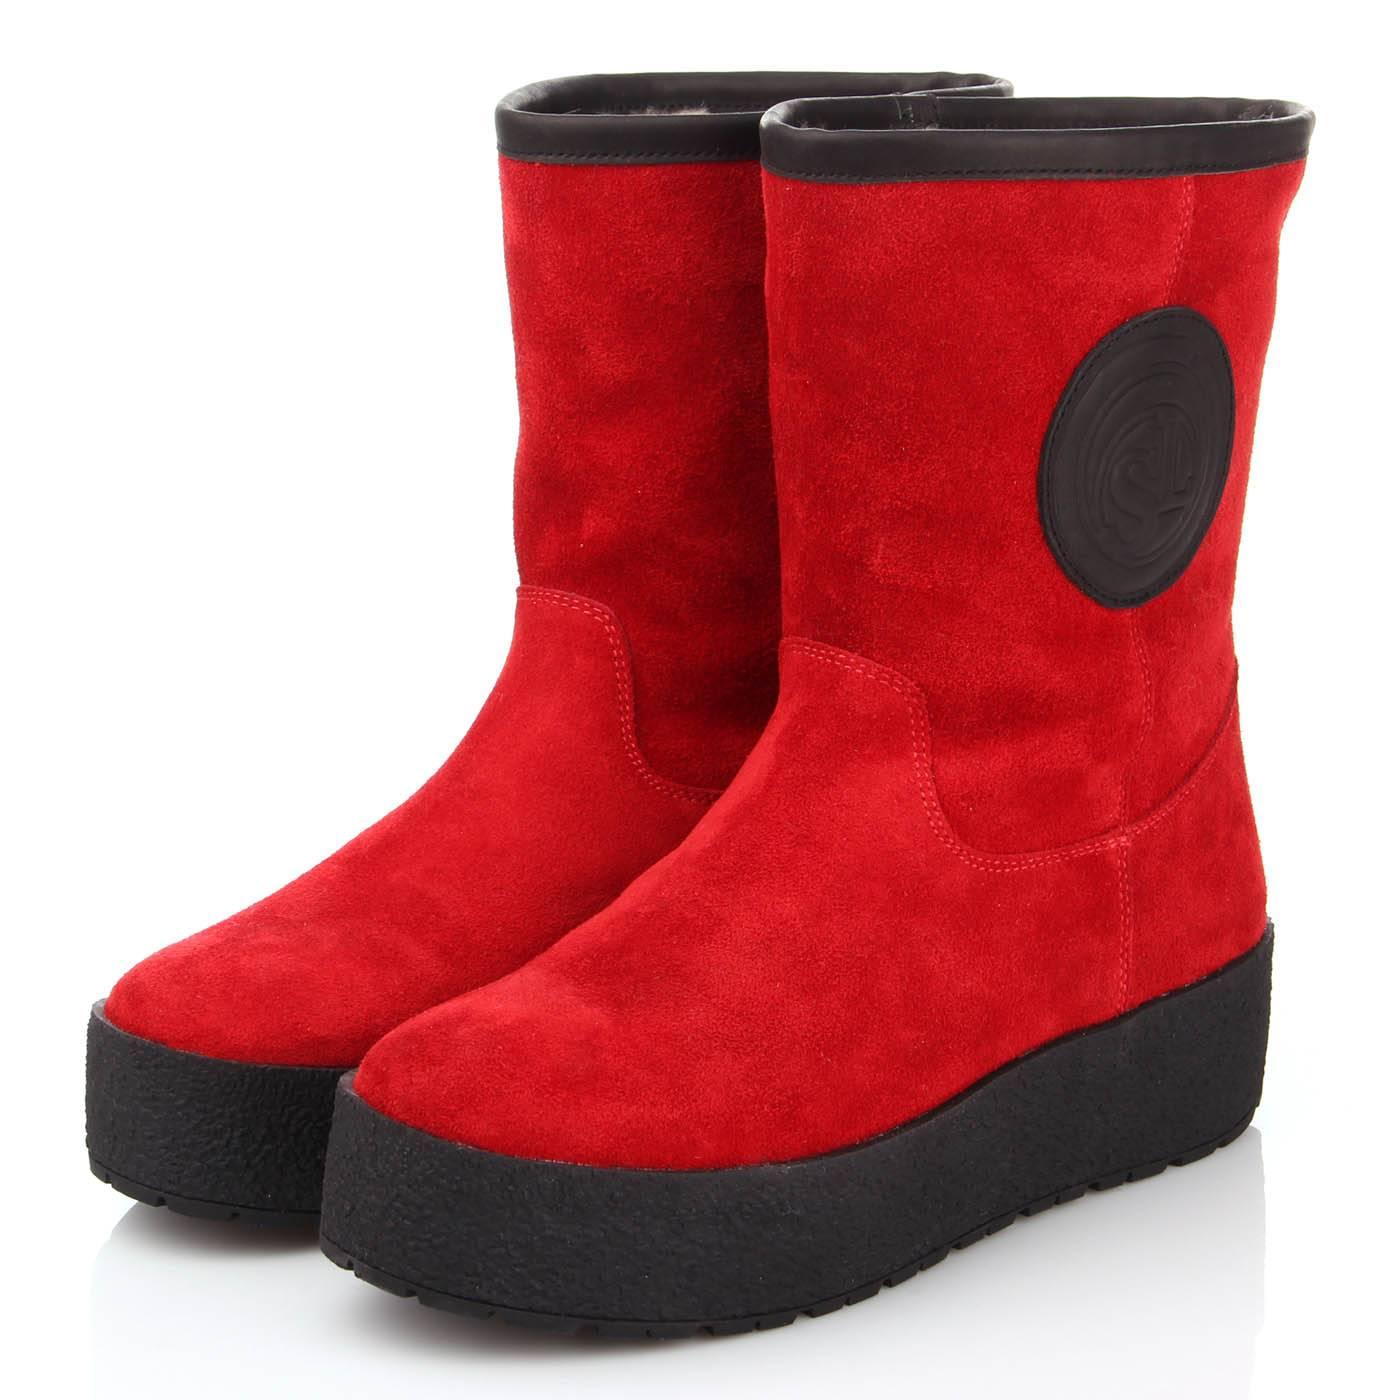 3f7bdf31d6fd Полусапоги женские bosa 5875 Красный купить по выгодной цене в ...